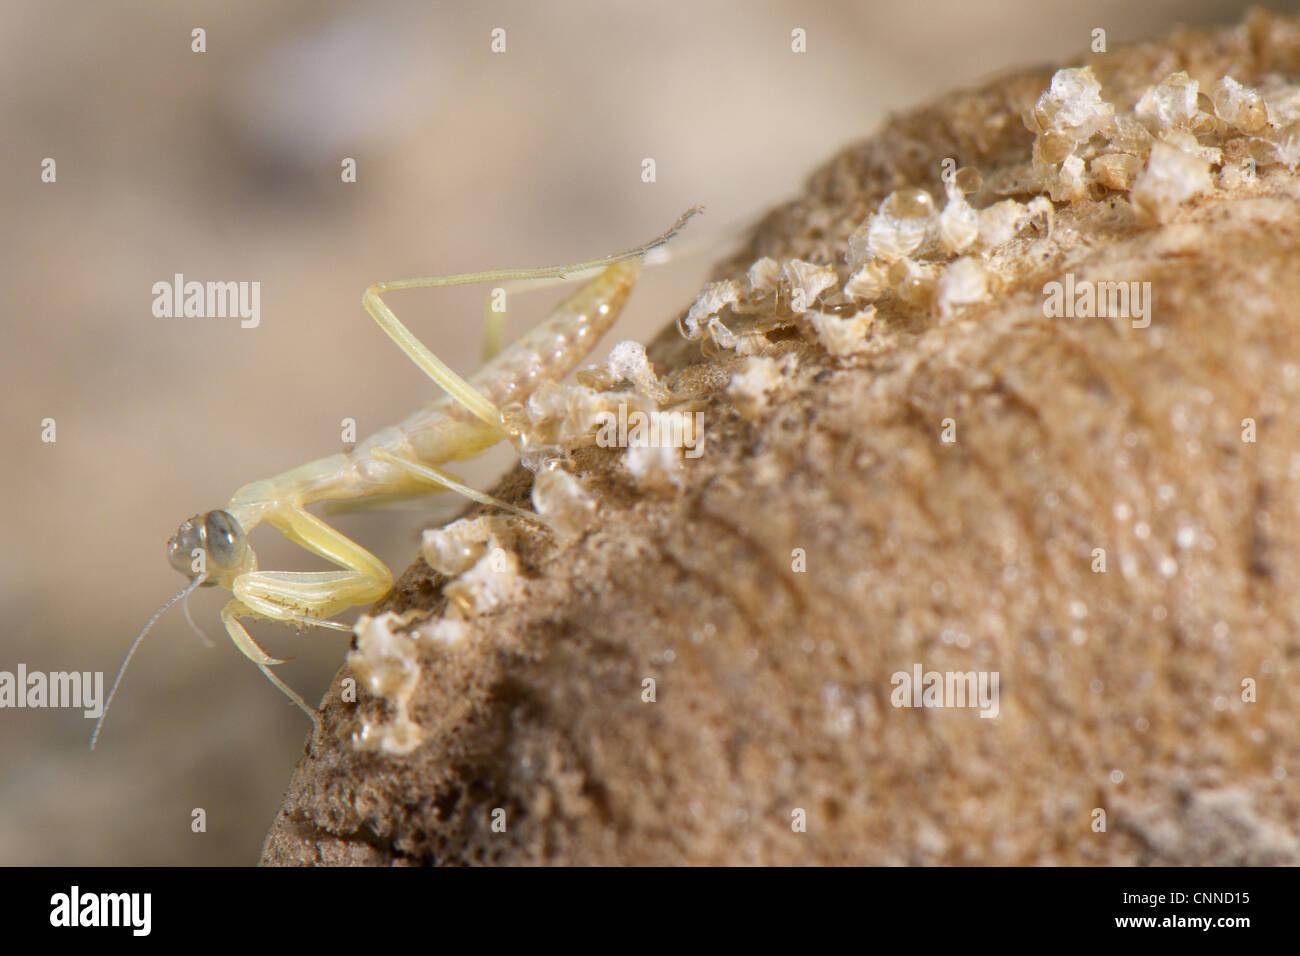 European Praying Mantis Mantis Religiosa Baby Just Hatched